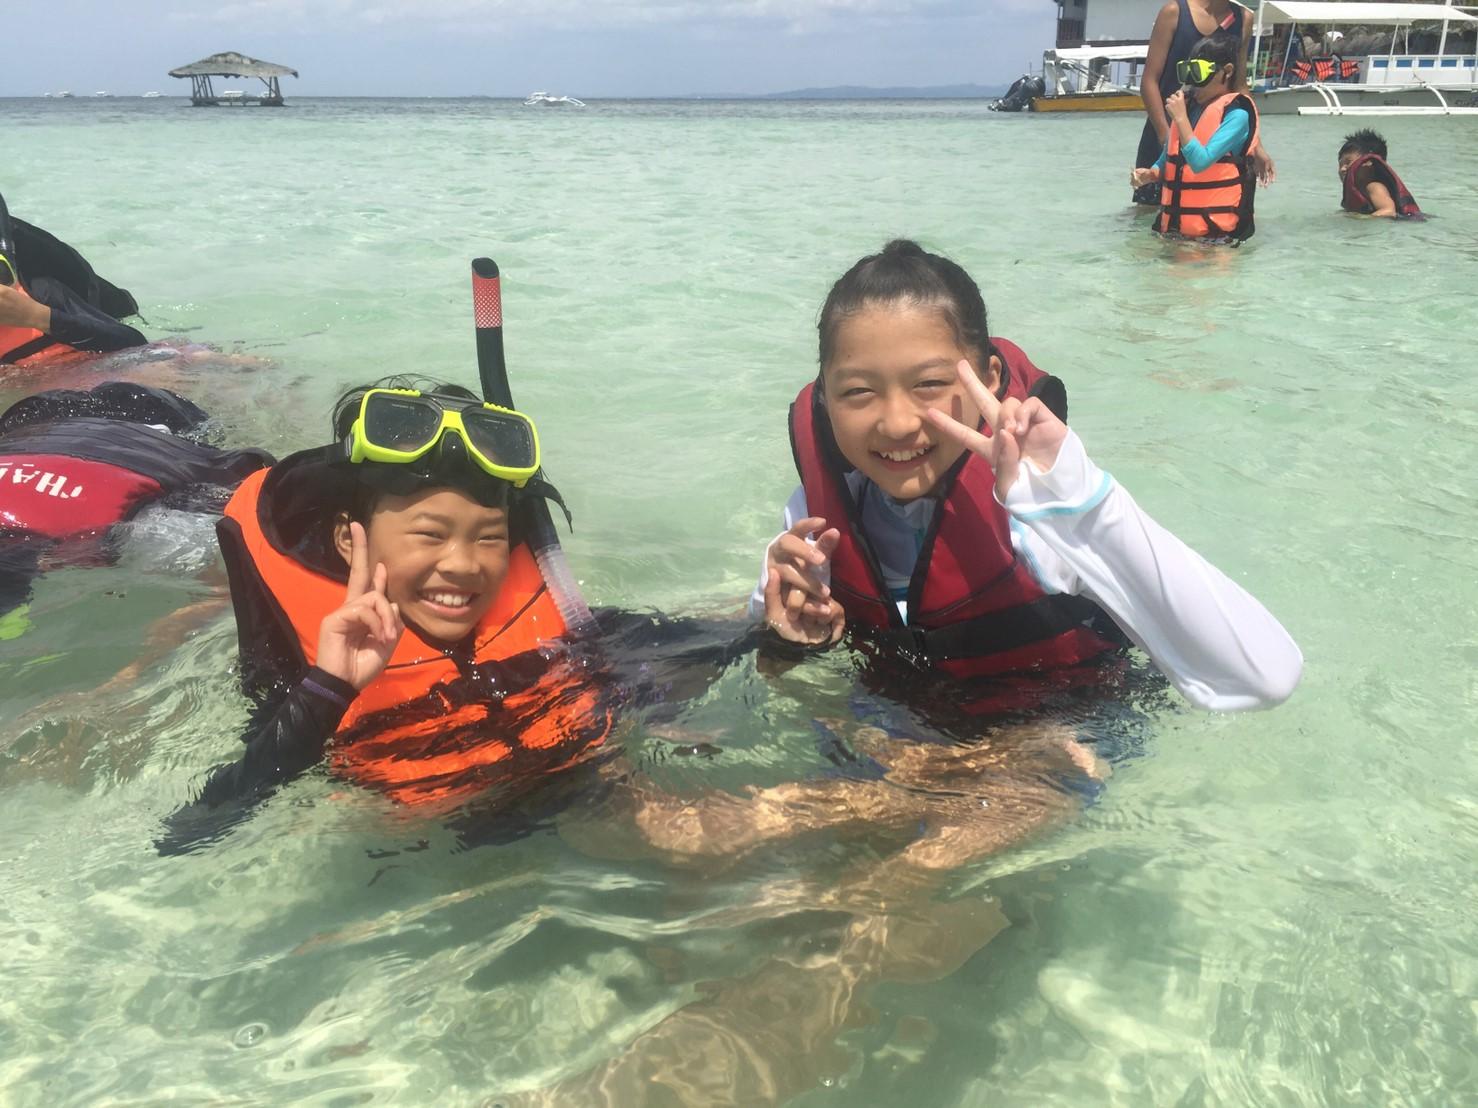 2019年夏、セブナビ 英語漬けジュニアキャンプ大盛況!成田・中部・関西の3空港から、120名が国際的リゾートセブ島に集結!